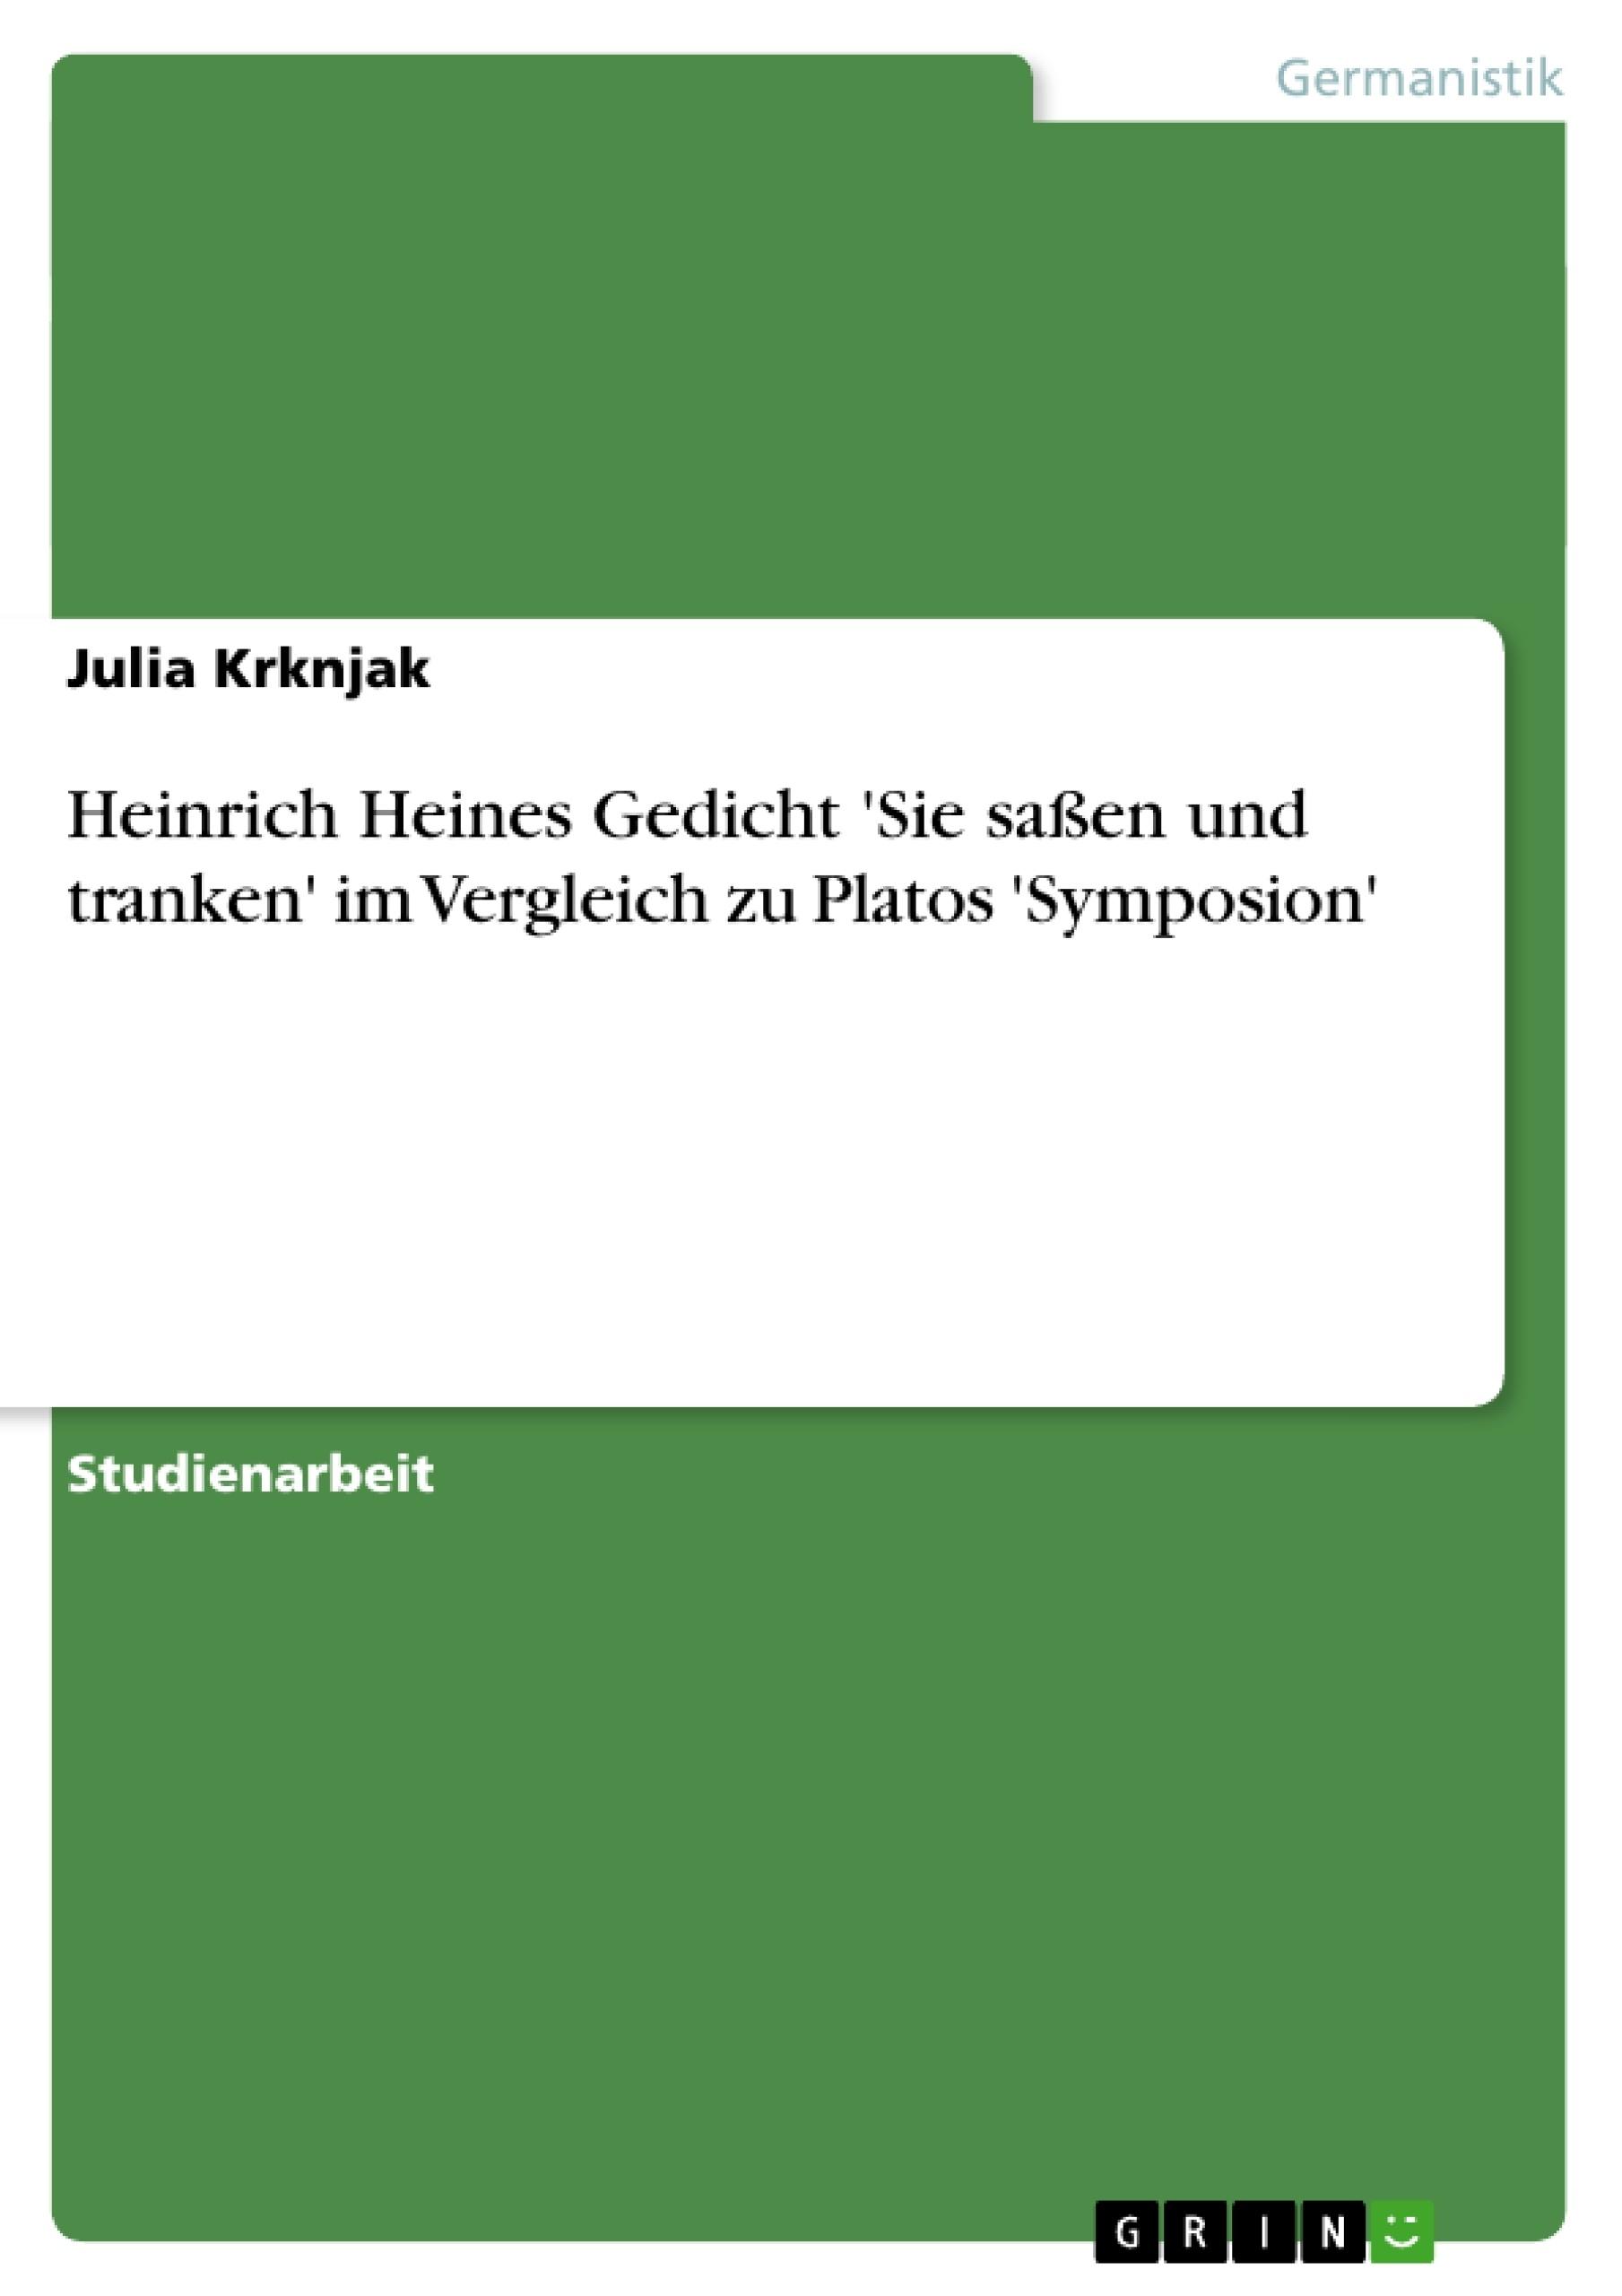 Titel: Heinrich Heines Gedicht 'Sie saßen und tranken' im Vergleich zu Platos 'Symposion'